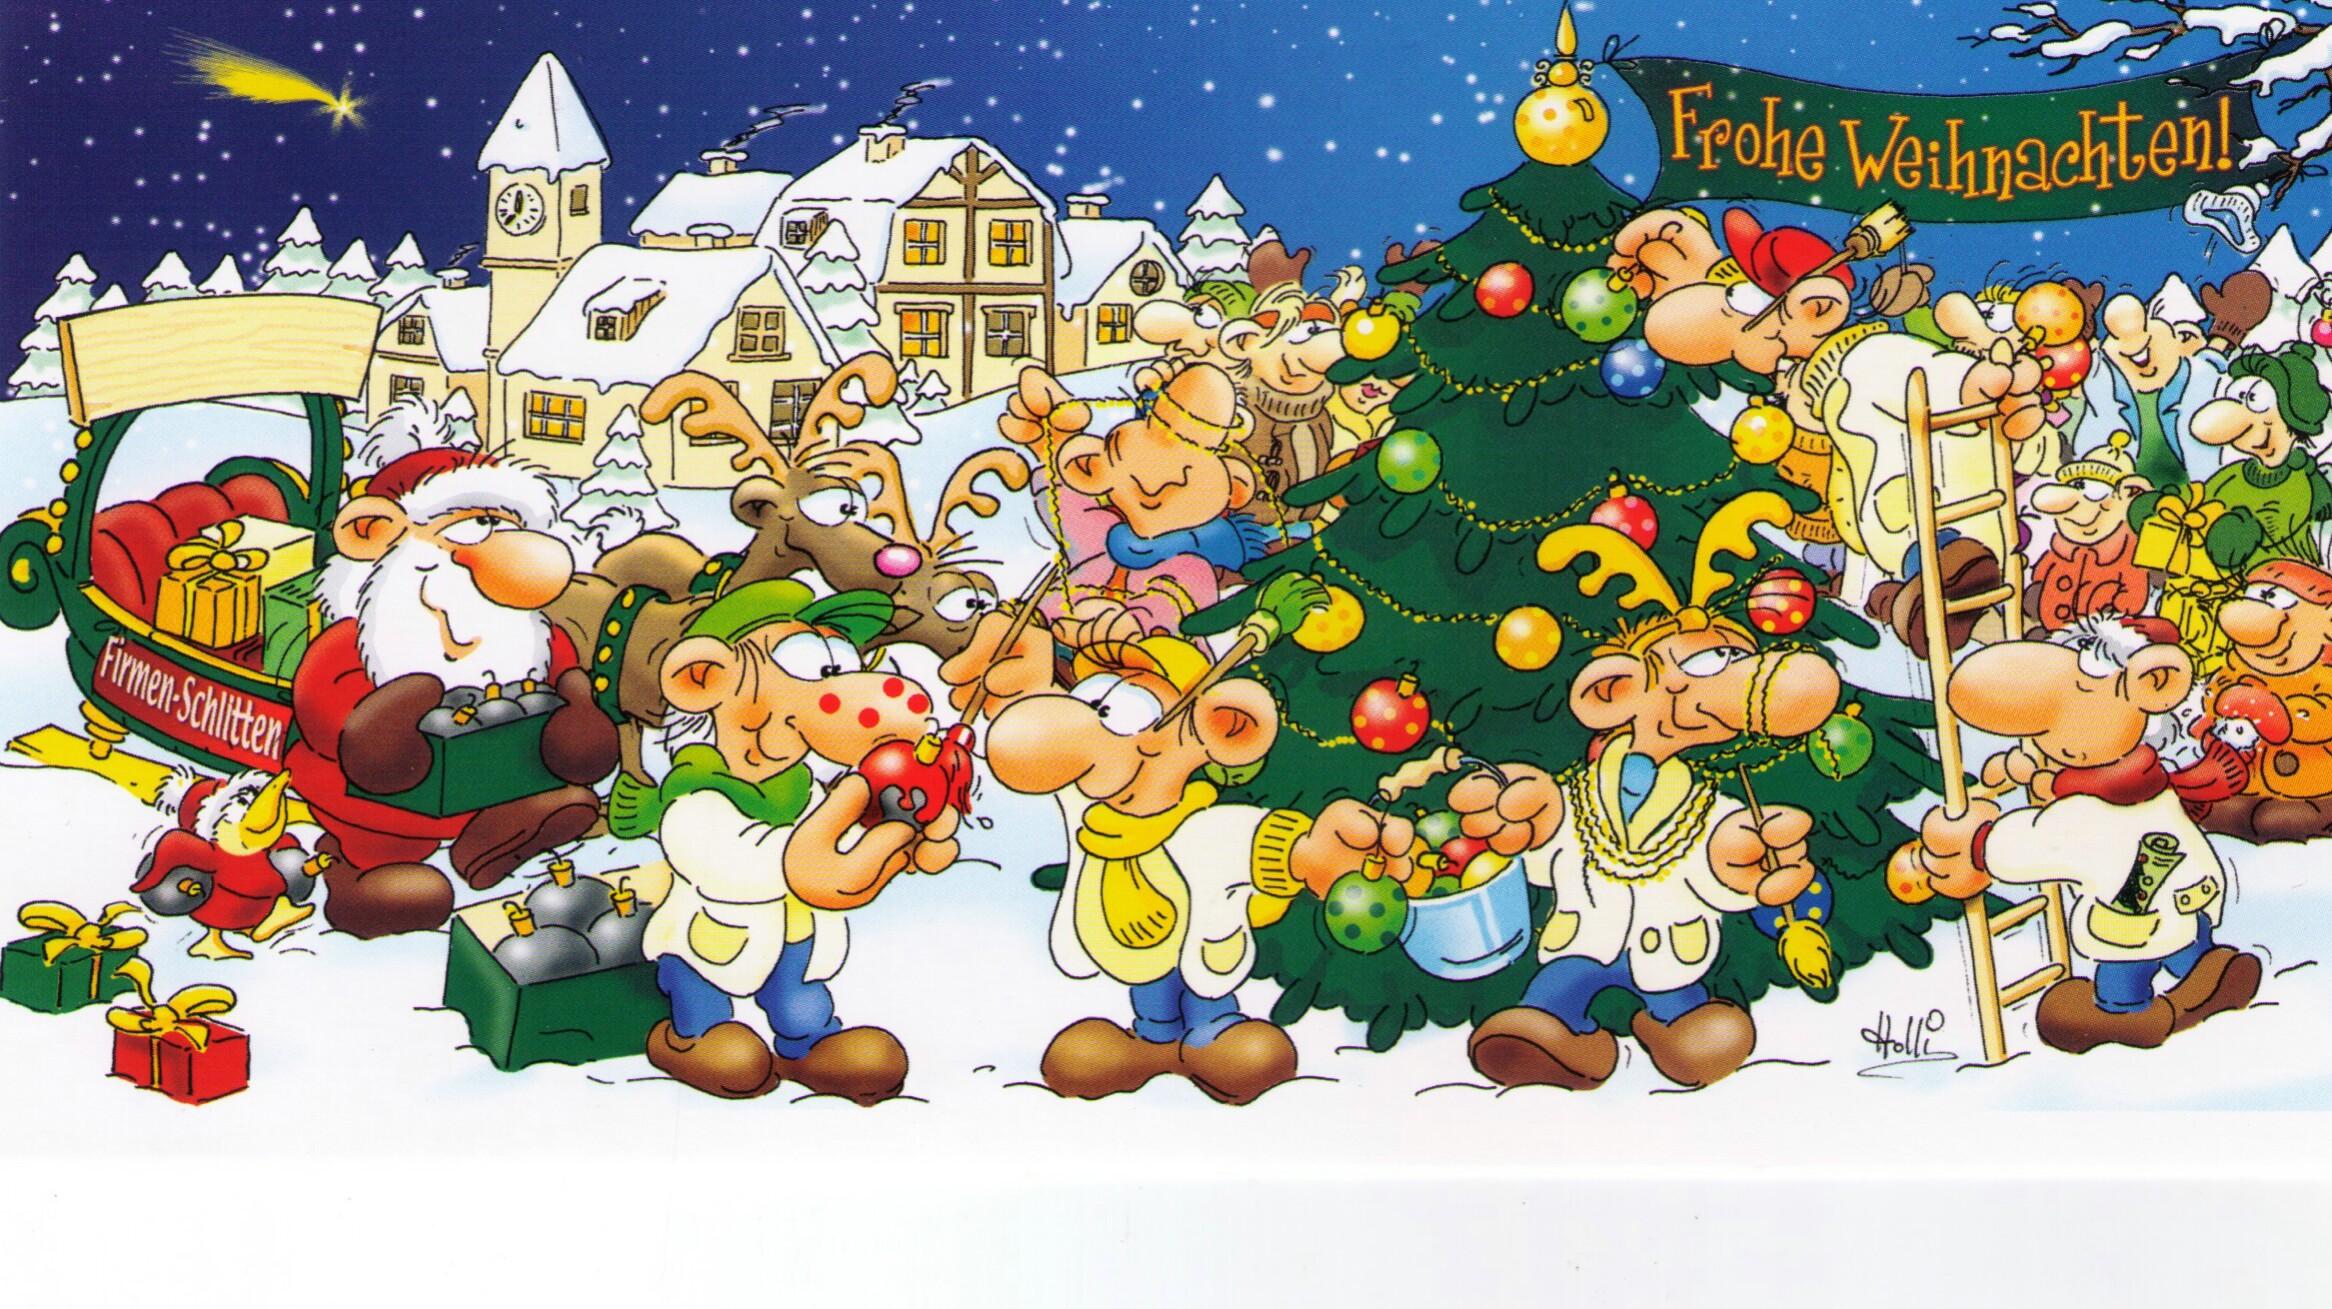 Holli Weihnachtsgrüße gescanntes Bild